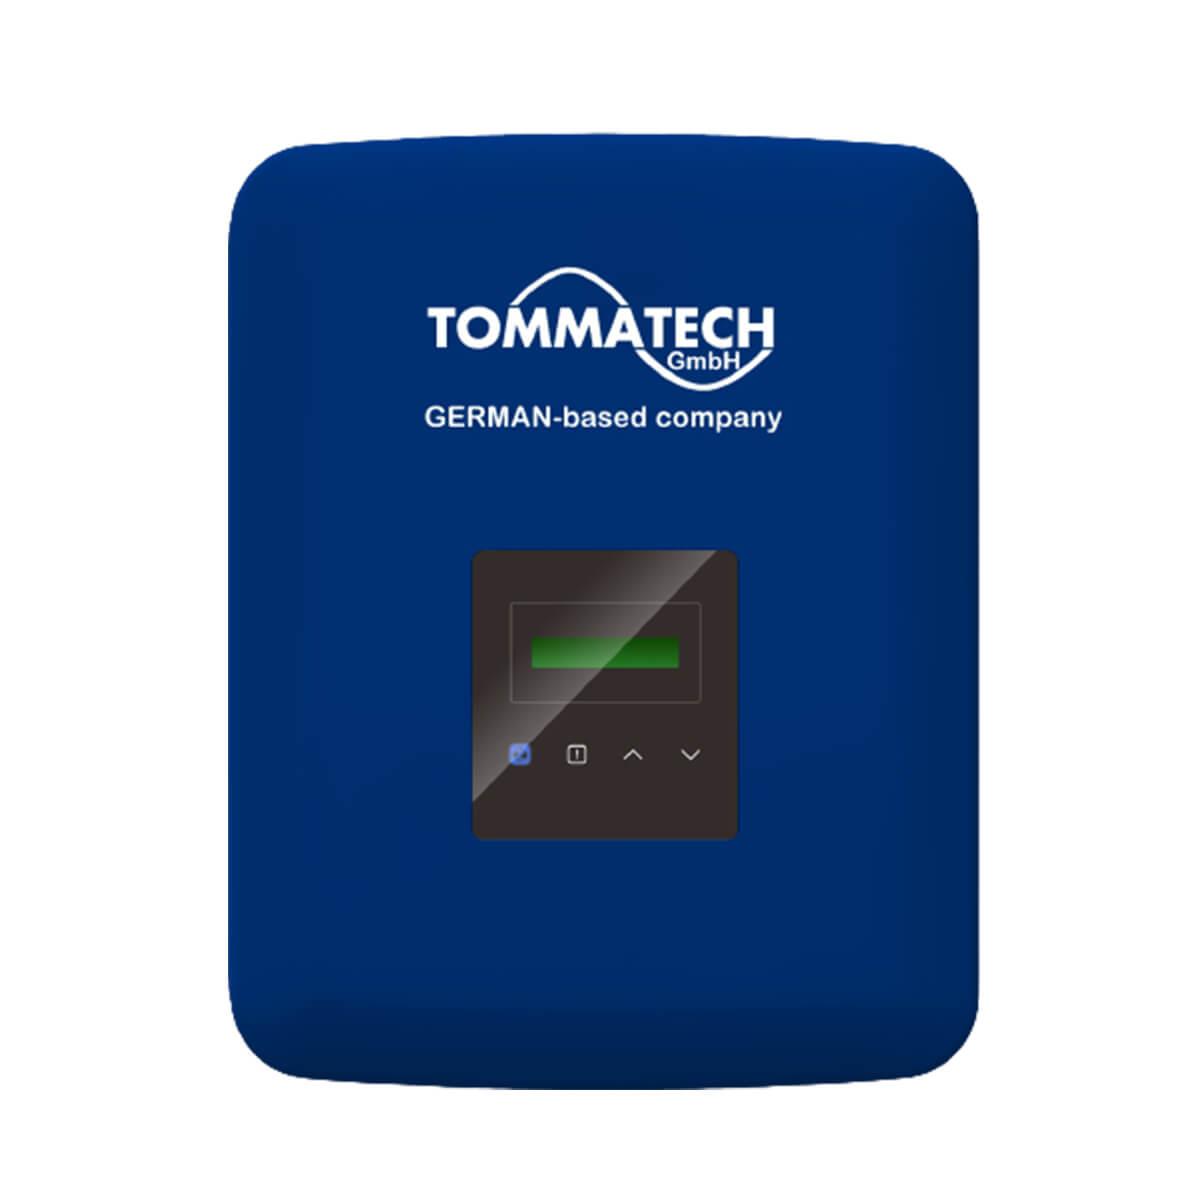 tommatech 4.6kW inverter, tommatech uno 4.6kW inverter, tommatech uno-h-4.6 inverter, tommatech uno-h-4.6, tommatech uno 4.6 kW, TOMMATECH 4.6 kW